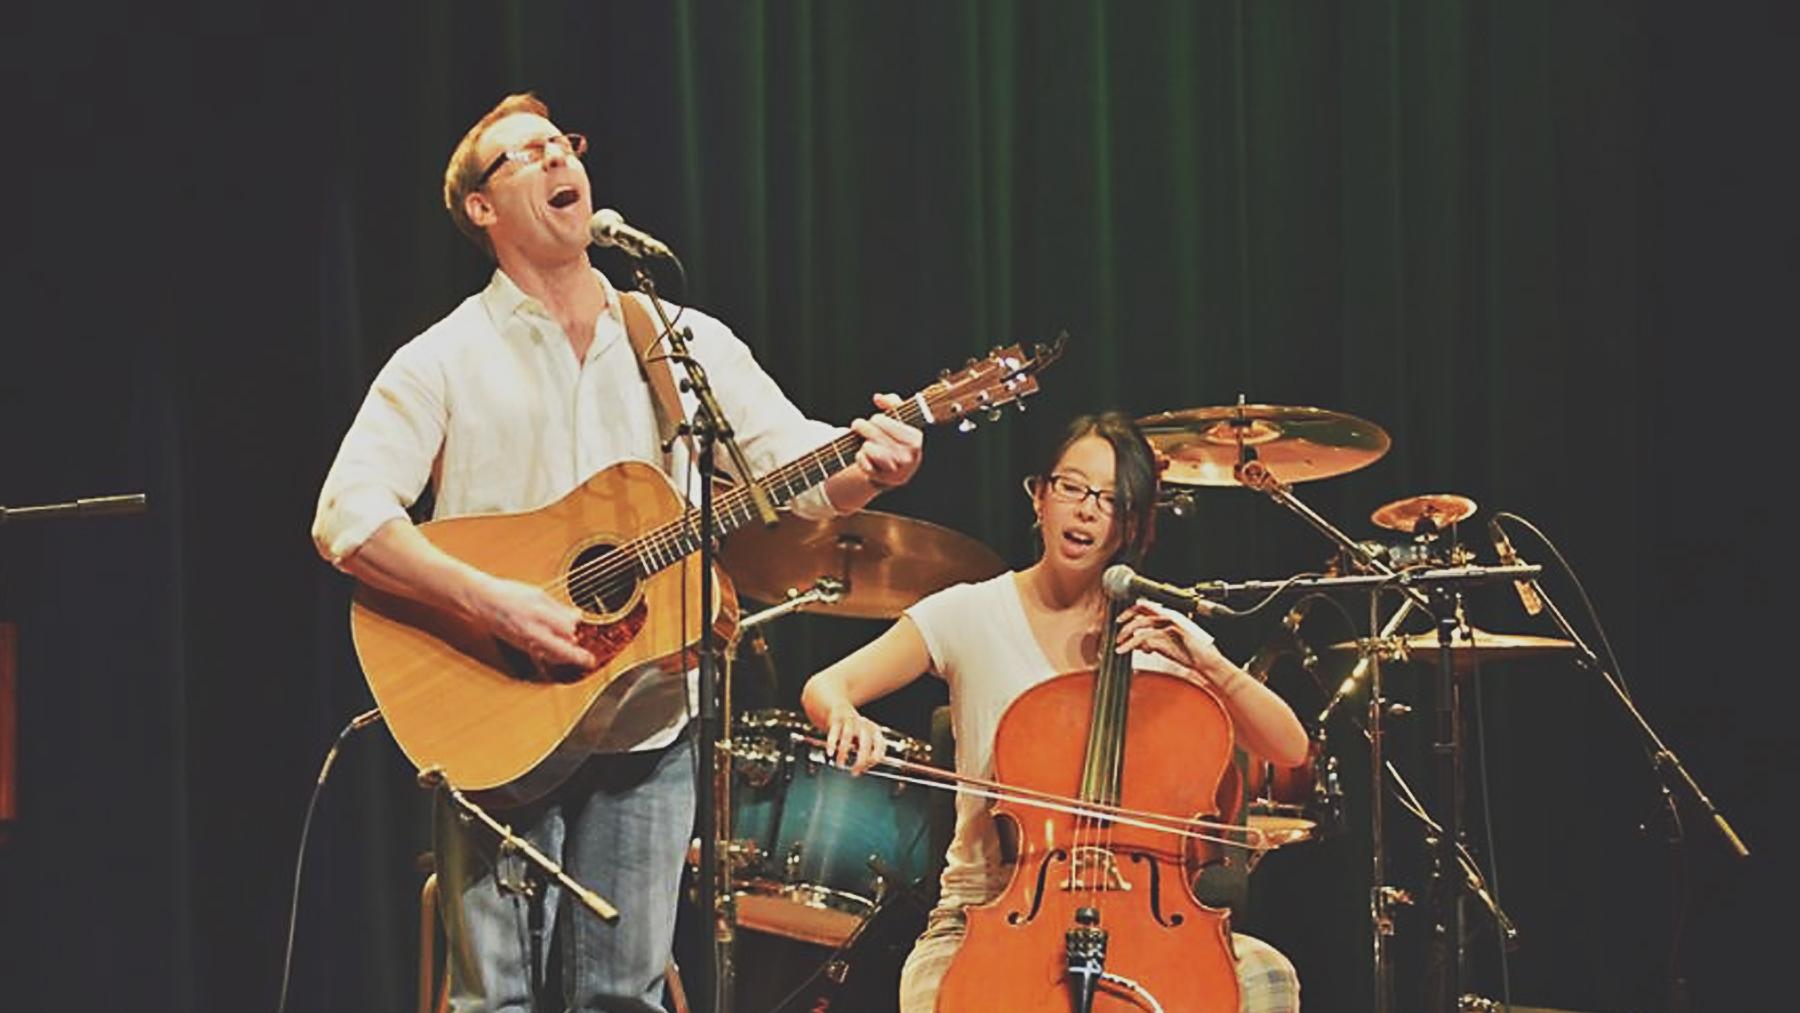 Jeremy_Dion__Singer_Songwriter_Boulder_Colorado_6.jpg